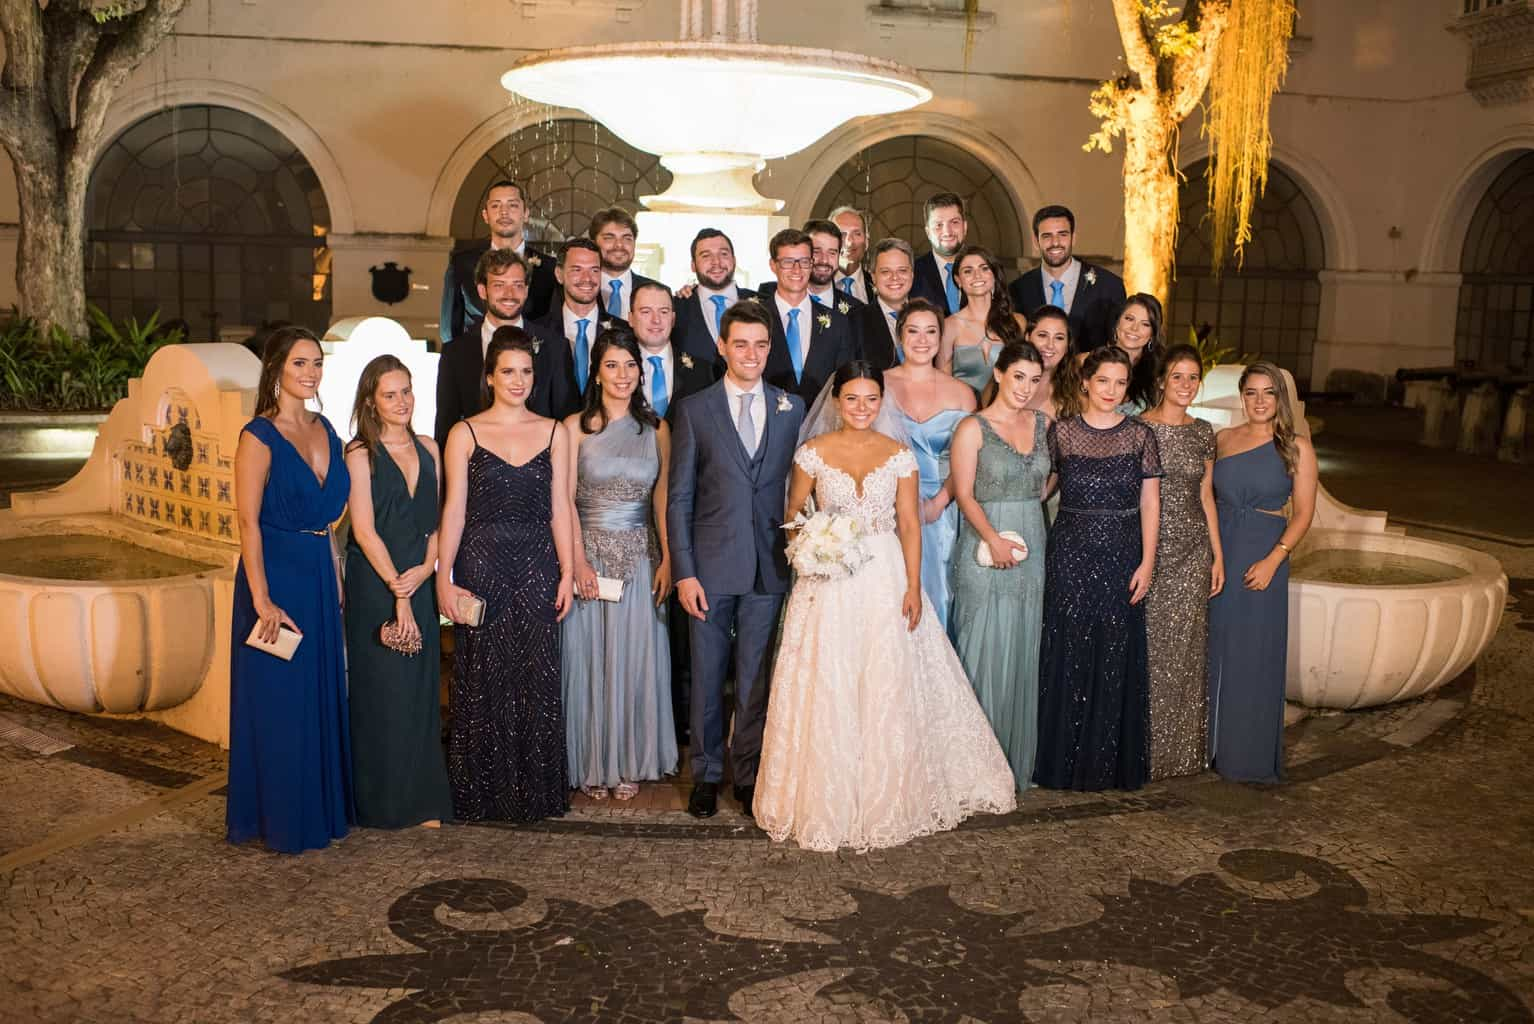 casamenot-Carolina-e-Thiago-casamento-clássico-Rio-de-Janeiro-Fotografia-Marina-Fava42